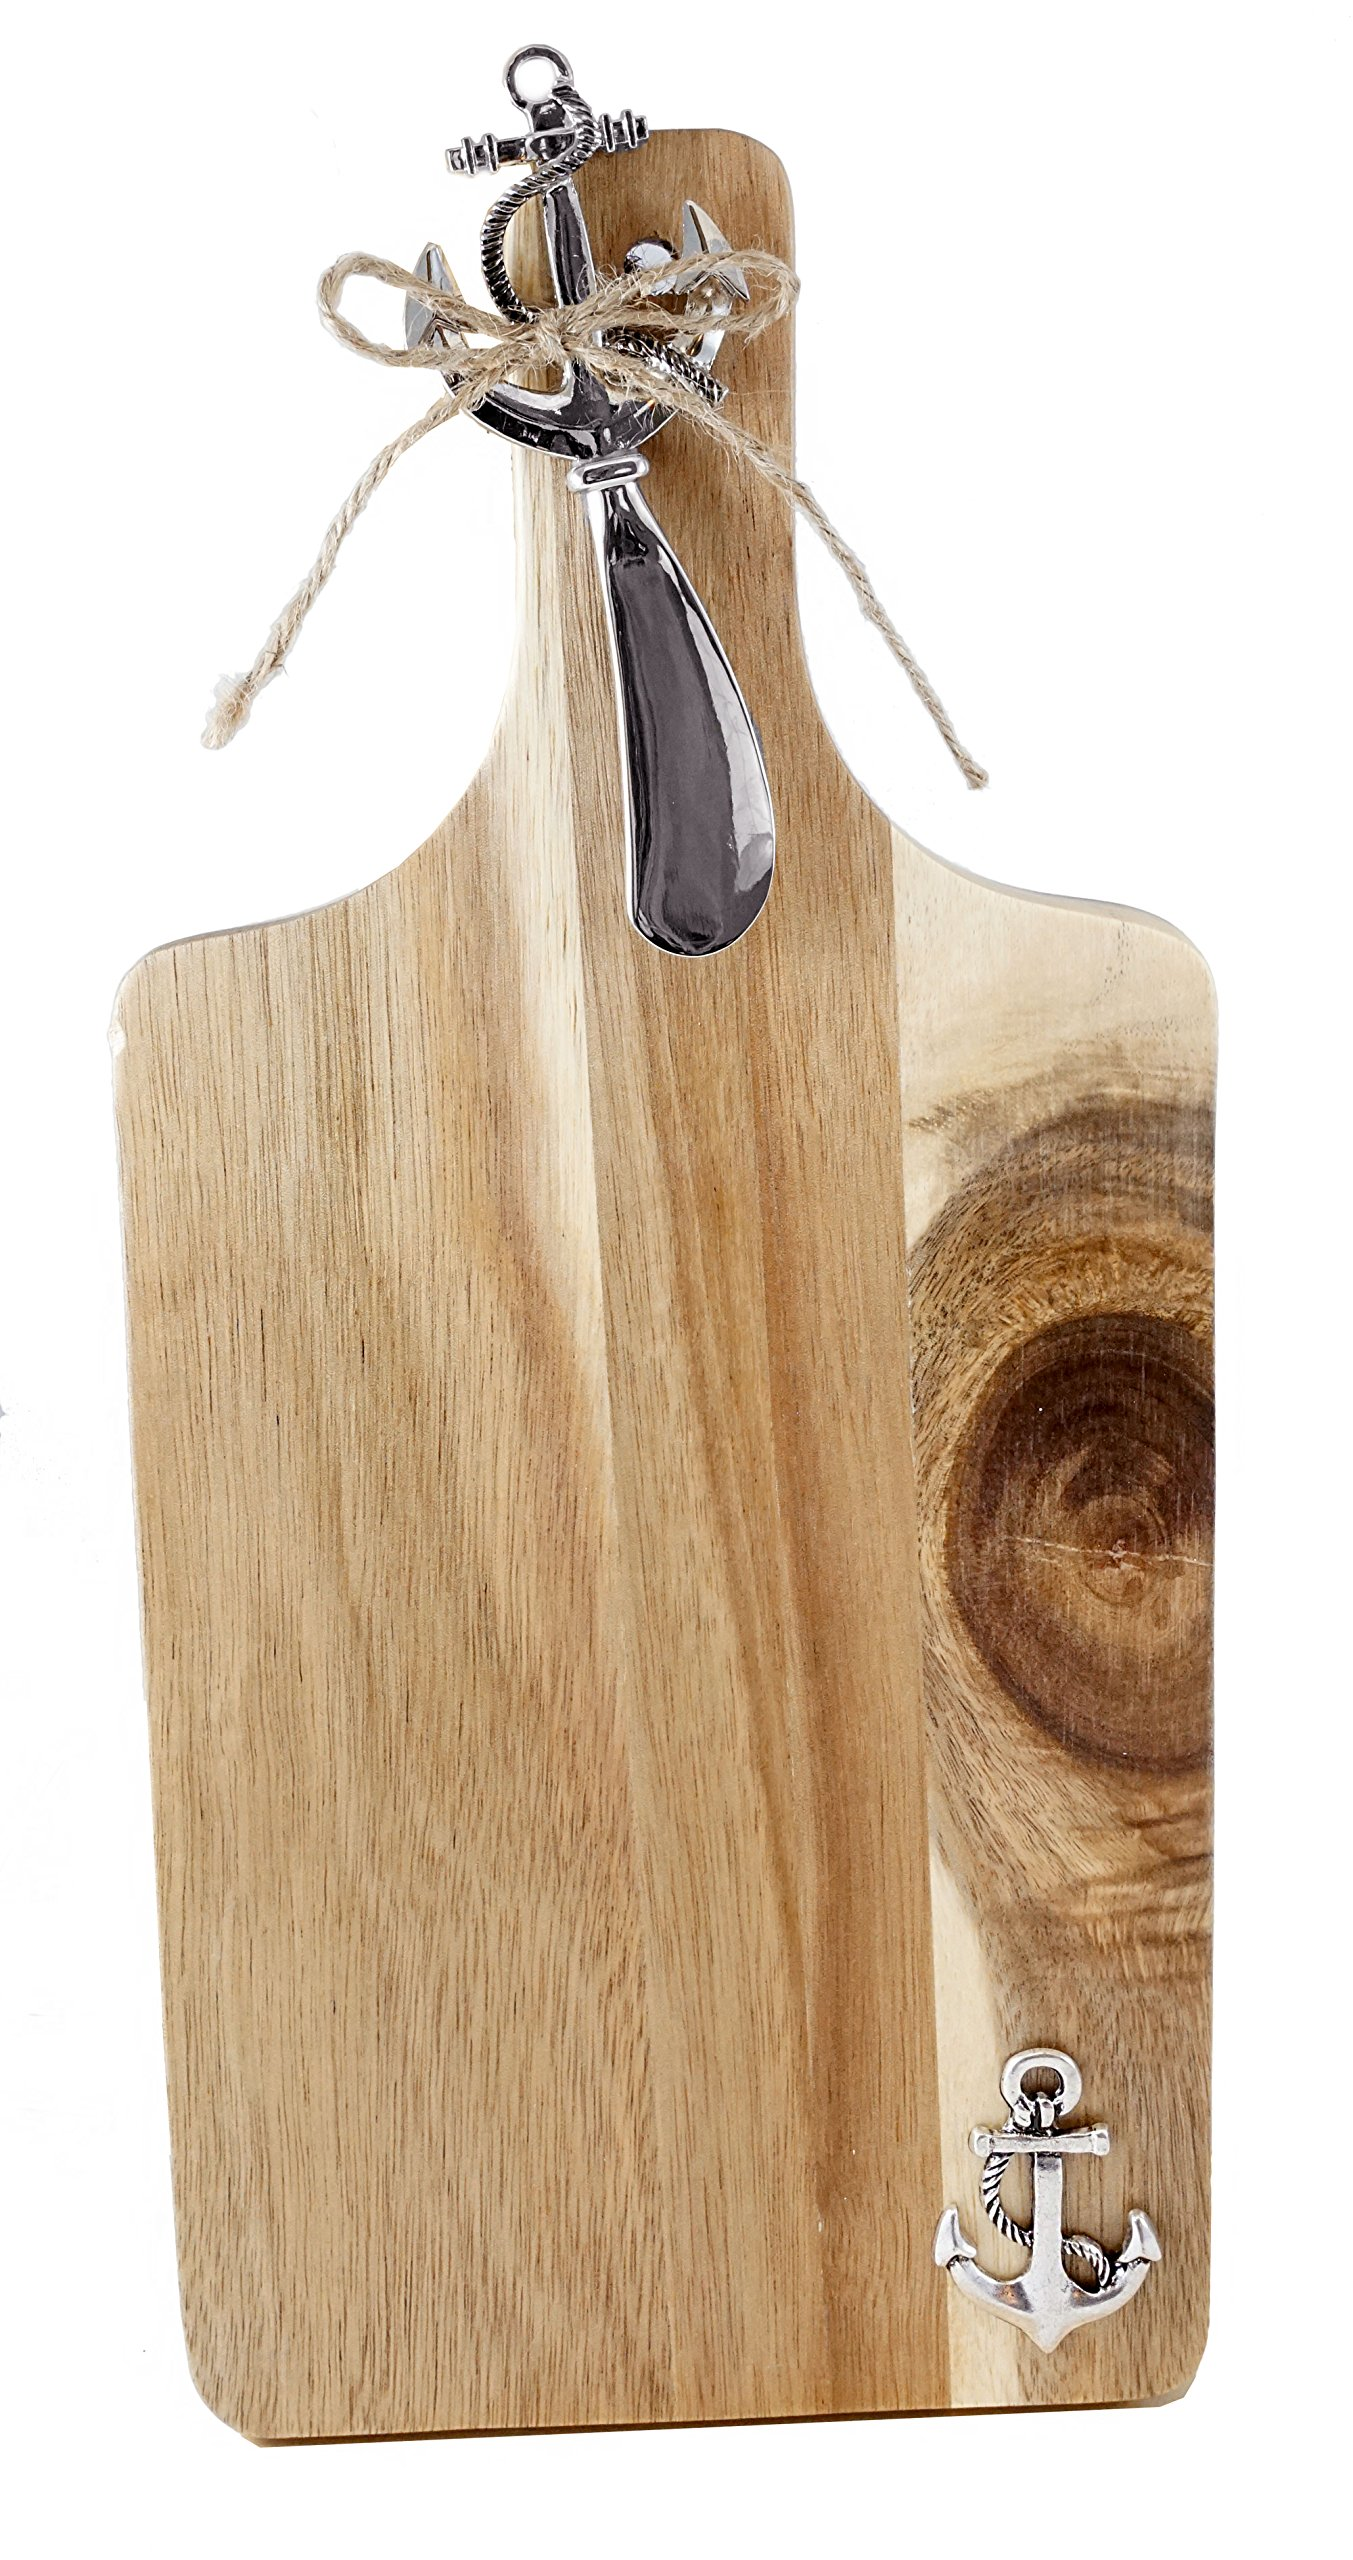 Nautical Anchor Acacia Wood Cheese Tray and Spreader Set